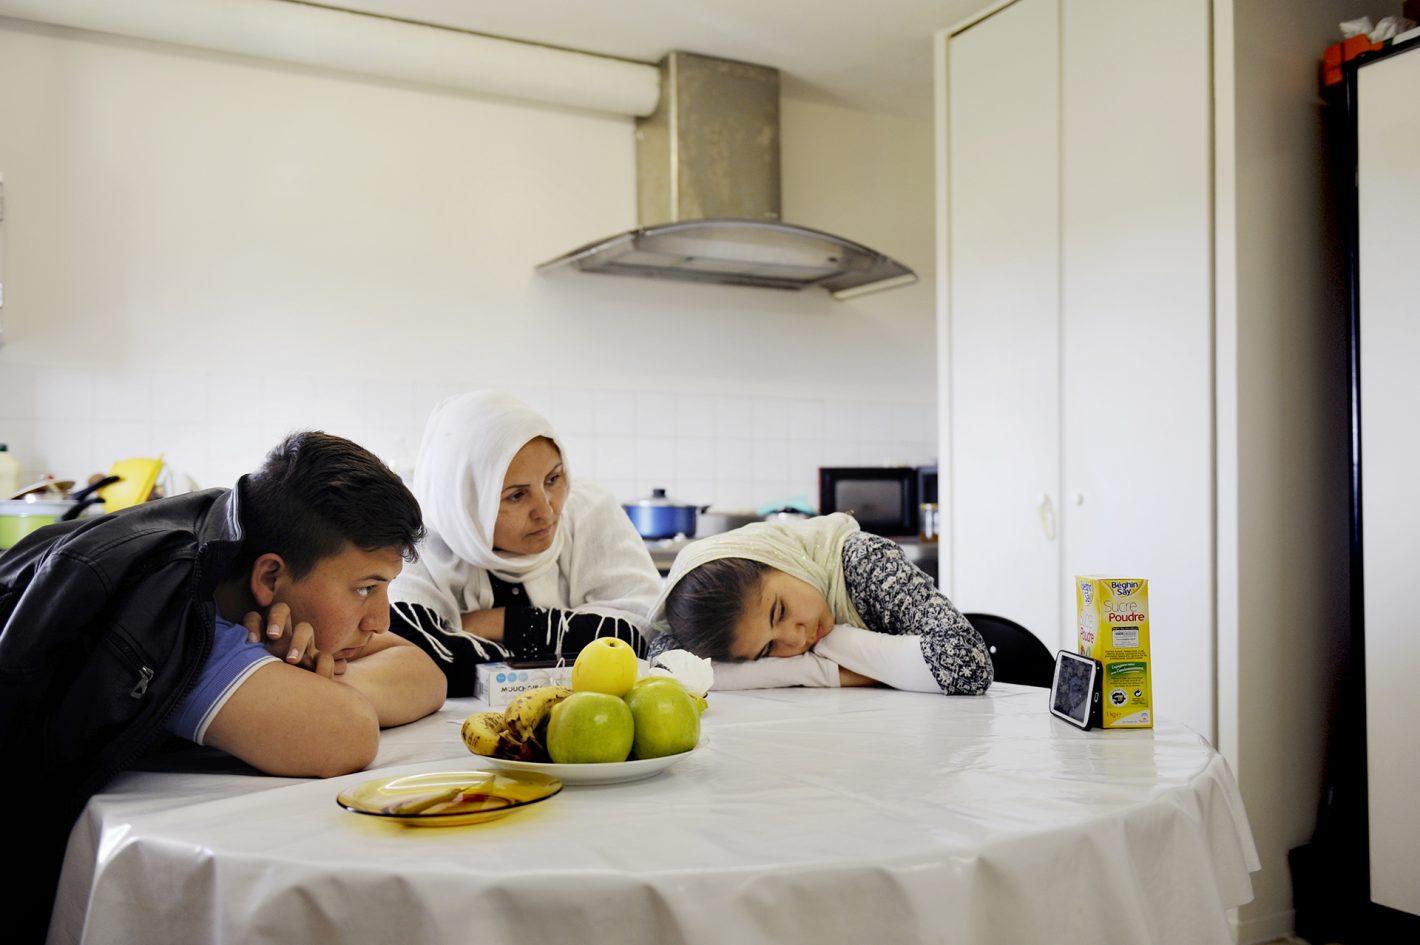 Pour tromper l'ennui, la famille regarde des séries sur le télépone portable d'Ali. La famille Sajadi : Seyed-Asghar le père, Rahima la mère, Ali 13 ans et Soraya 11 ans, vient d'Afghanistan. Membre de la minorité chiite Hazara du pays, cette famille a fui les talibans et est arrivée en France il y a six mois. Ils sont hébergés de manière provisoire dans ce centre situé en pleine zone rurale, à une heure de Toulouse. Le temps de préparer leur dossier pour l'OFPRA (l'Office Français de Protection des Réfugiés et Apatrides). Ce rendez-vous sera déterminant pour obtenir ou pas le statut de réfugiés. En 2015, seules 30% des demandes ont reçu une réponse positive. En attendant, chacun trompe l'ennui comme il peut. Soraya a intégré une classe de FLE (Français Langues Etrangères) dans l'école du village avec les autres enfants du CADA. Ses parents prennent également des cours de français au sein du CADA. Centre d'Accueil de Demandeurs d'Asile (CADA) Pierre Bayle, Carla-Bayle, Ariège, (09) 23 mai 2016.